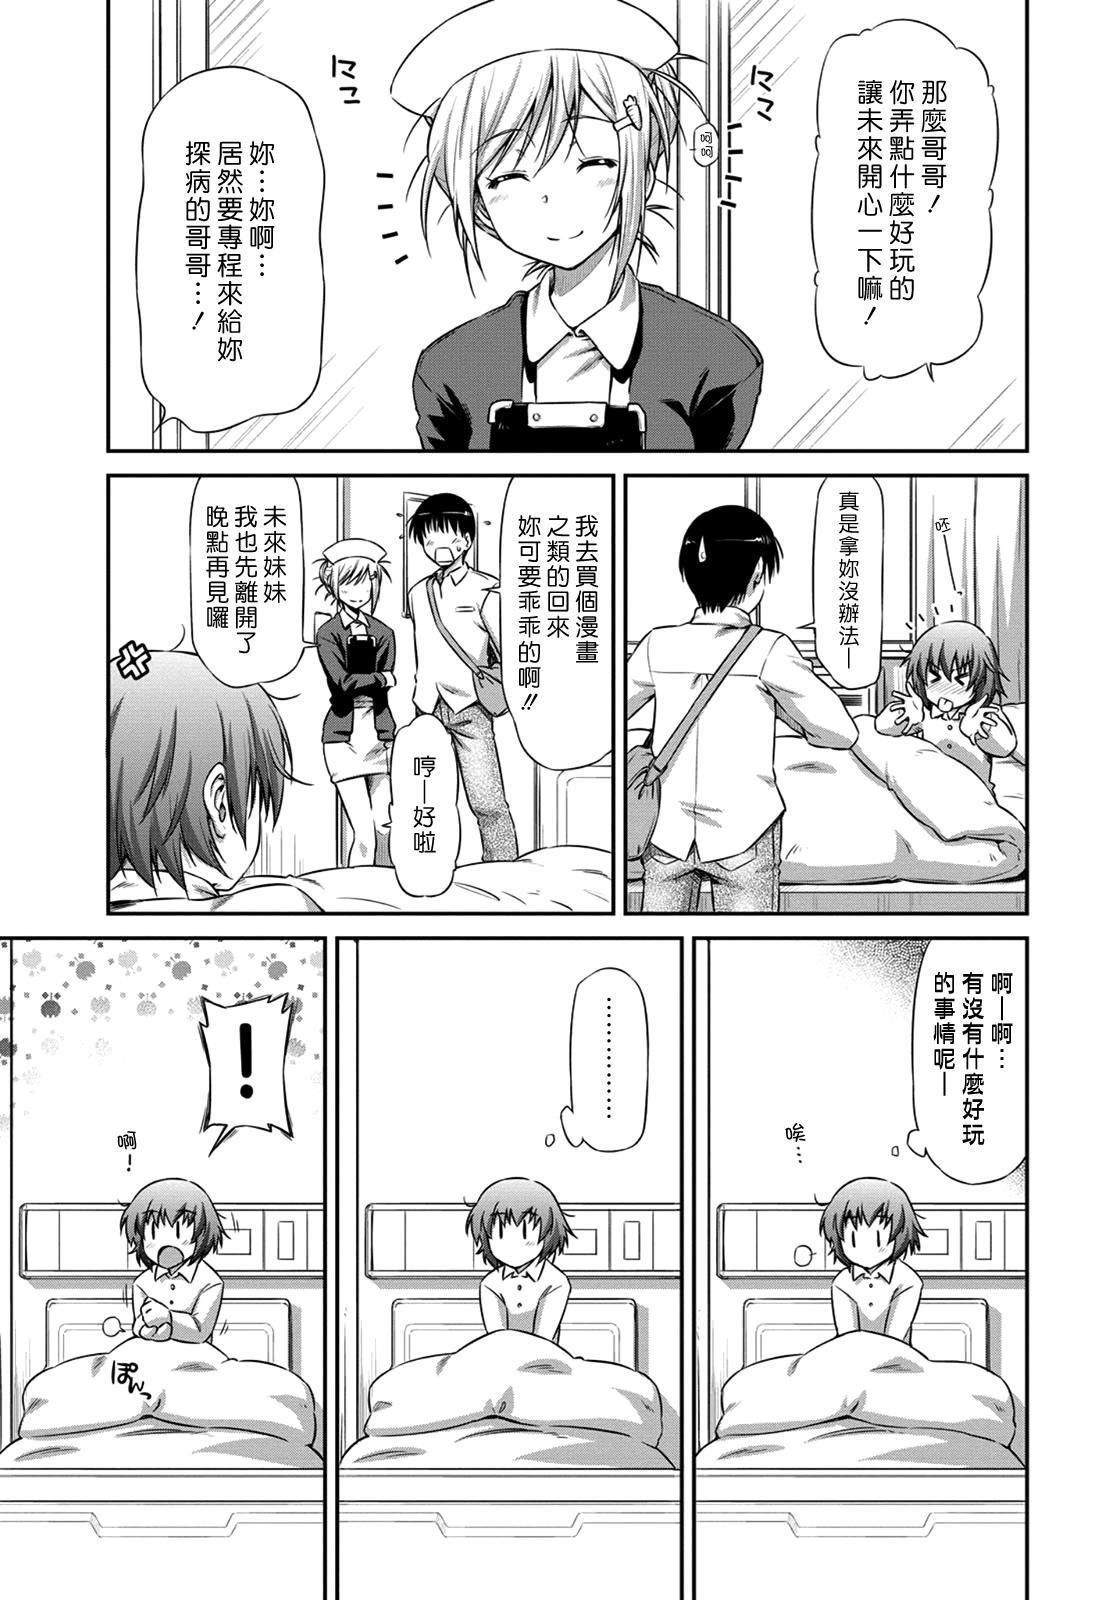 Giyaku no Shohousen 2